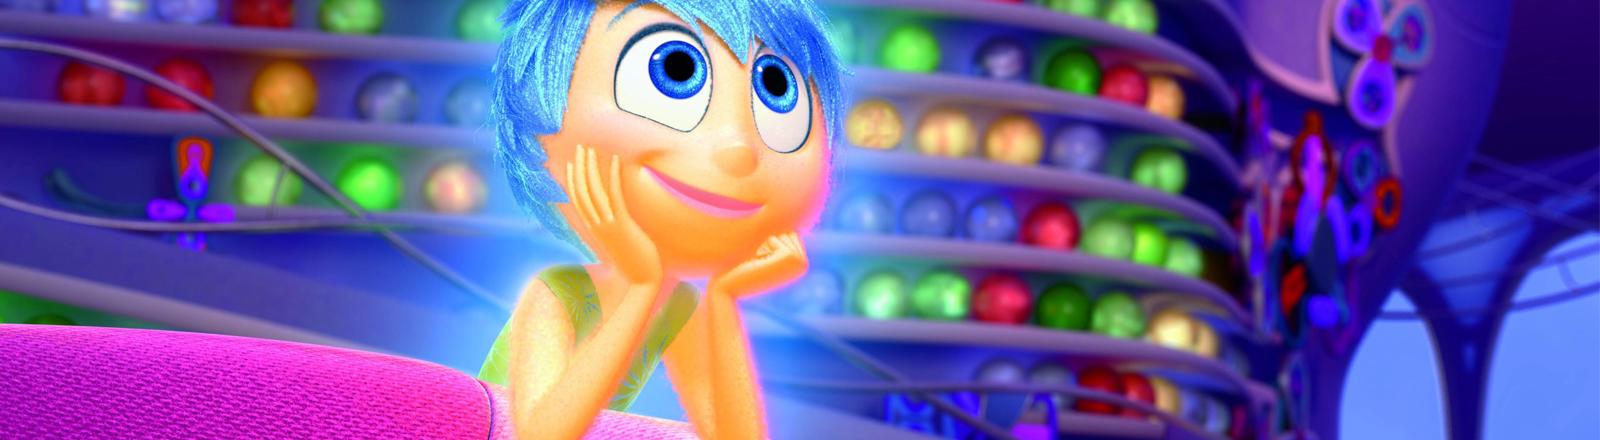 """Die Heldin aus dem Pixar-Film """"Alles steht Kopf""""."""